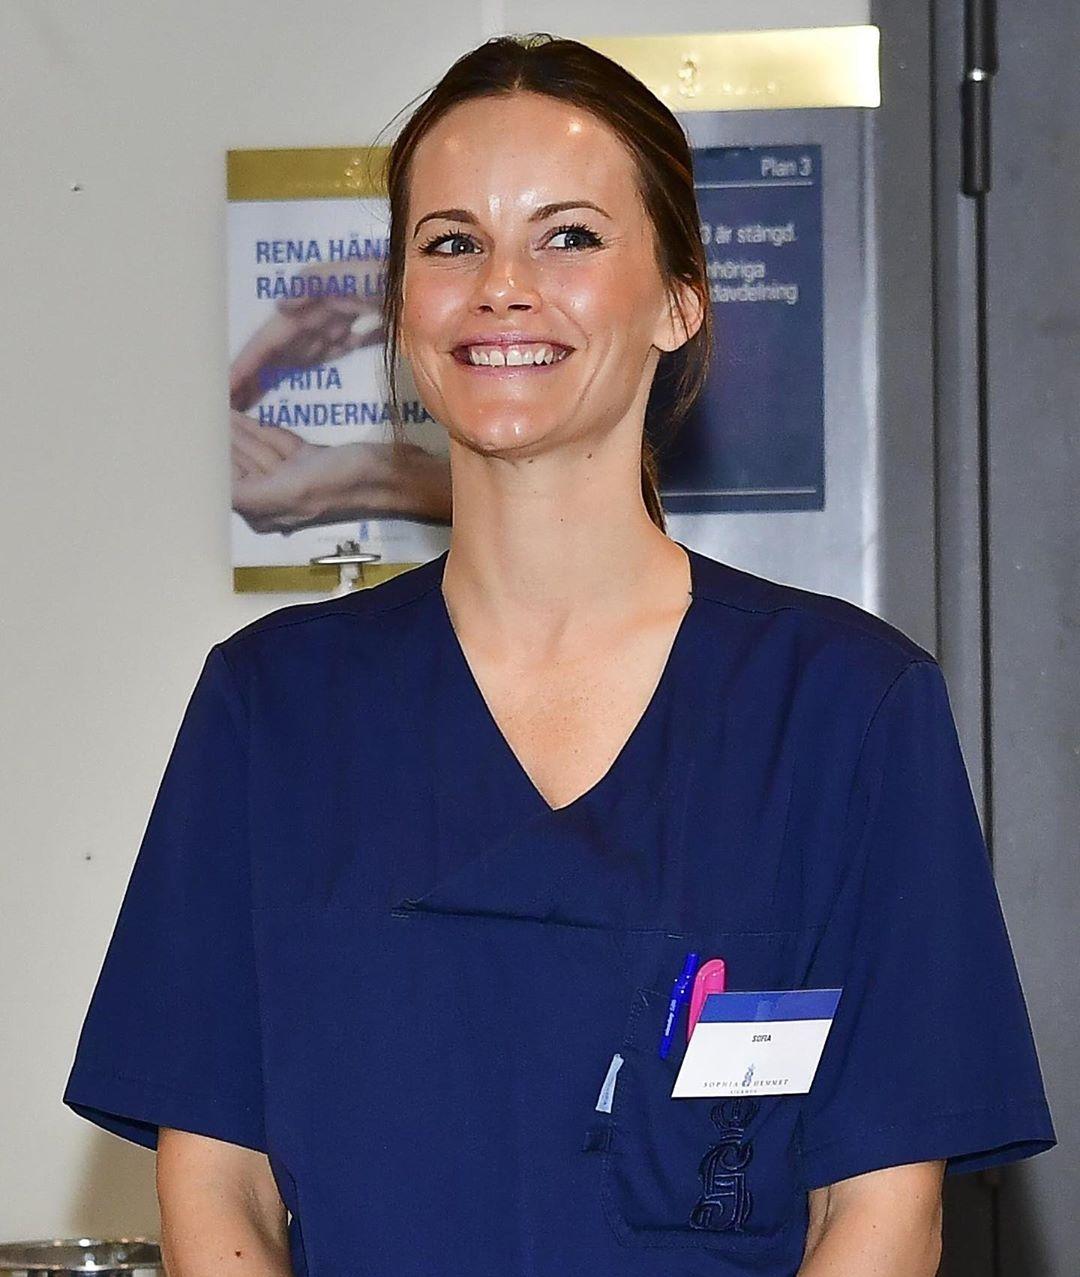 принцесса софия работает в больнице